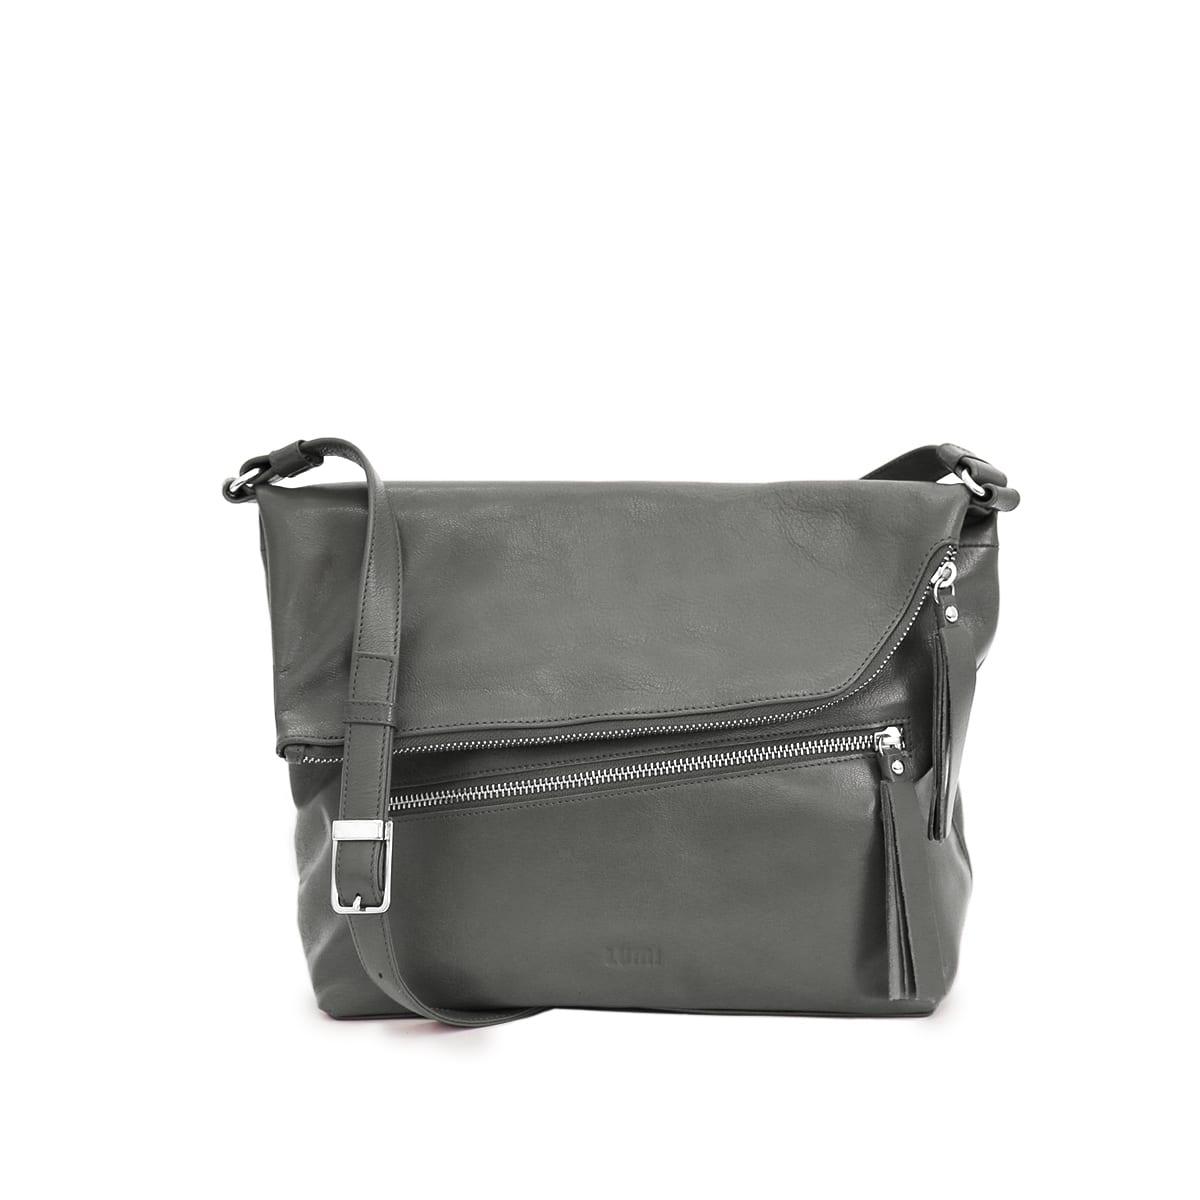 b1101b2a96 Manna Messenger Bag Grey – Lumi Accessories